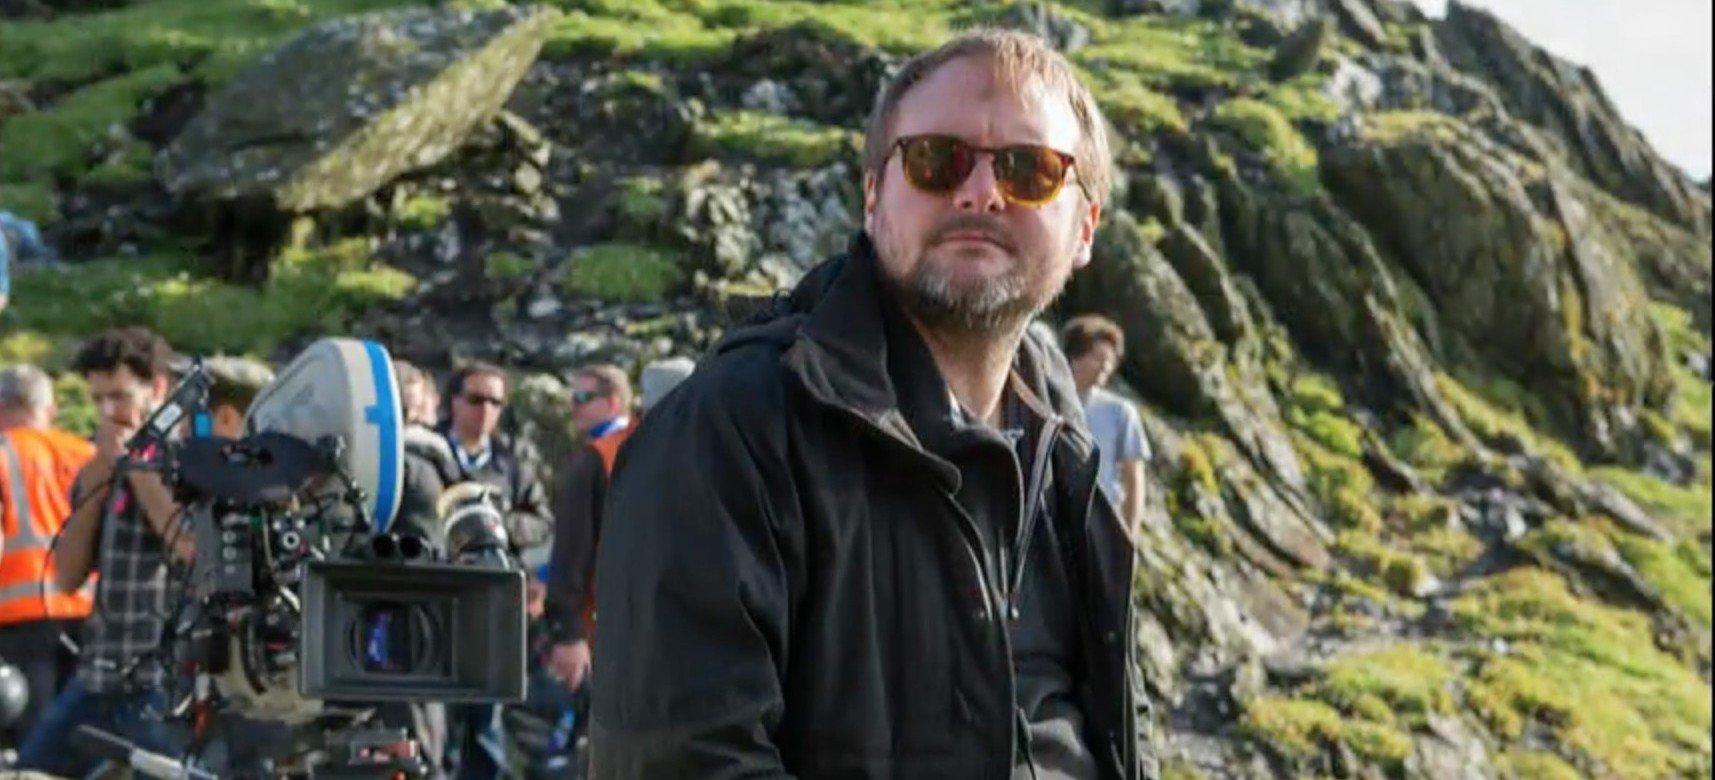 Rian Johnson sur le plateau de tournage de Star Wars Les Derniers Jedi